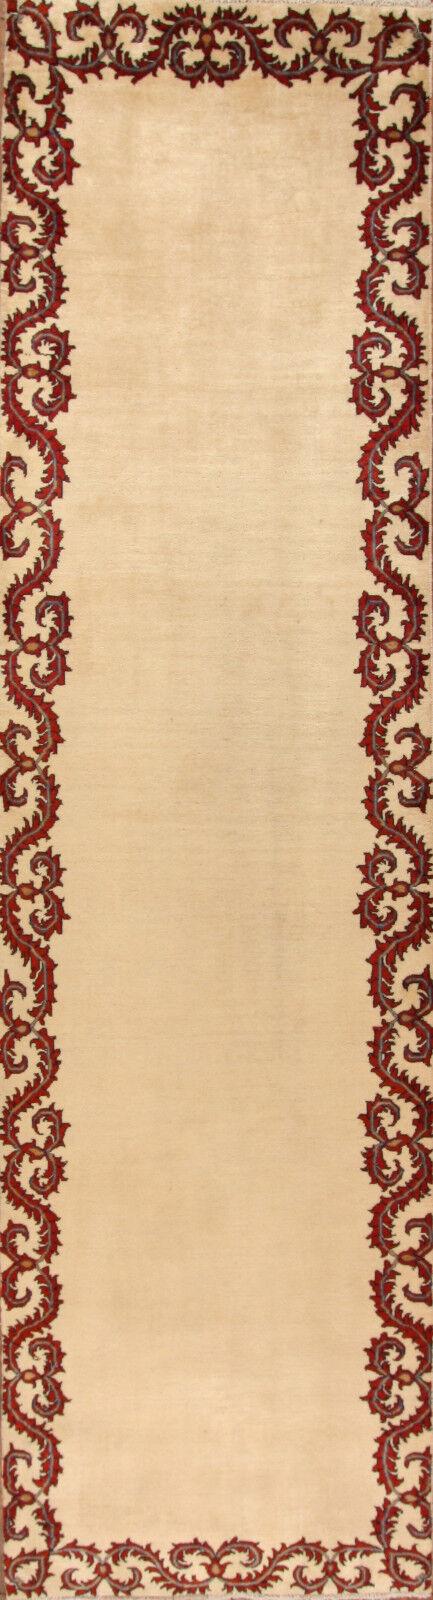 Corrojoor de alfombra oriental real mano-anudada de la alfombra persa no. 4436 (313 x 94) cm